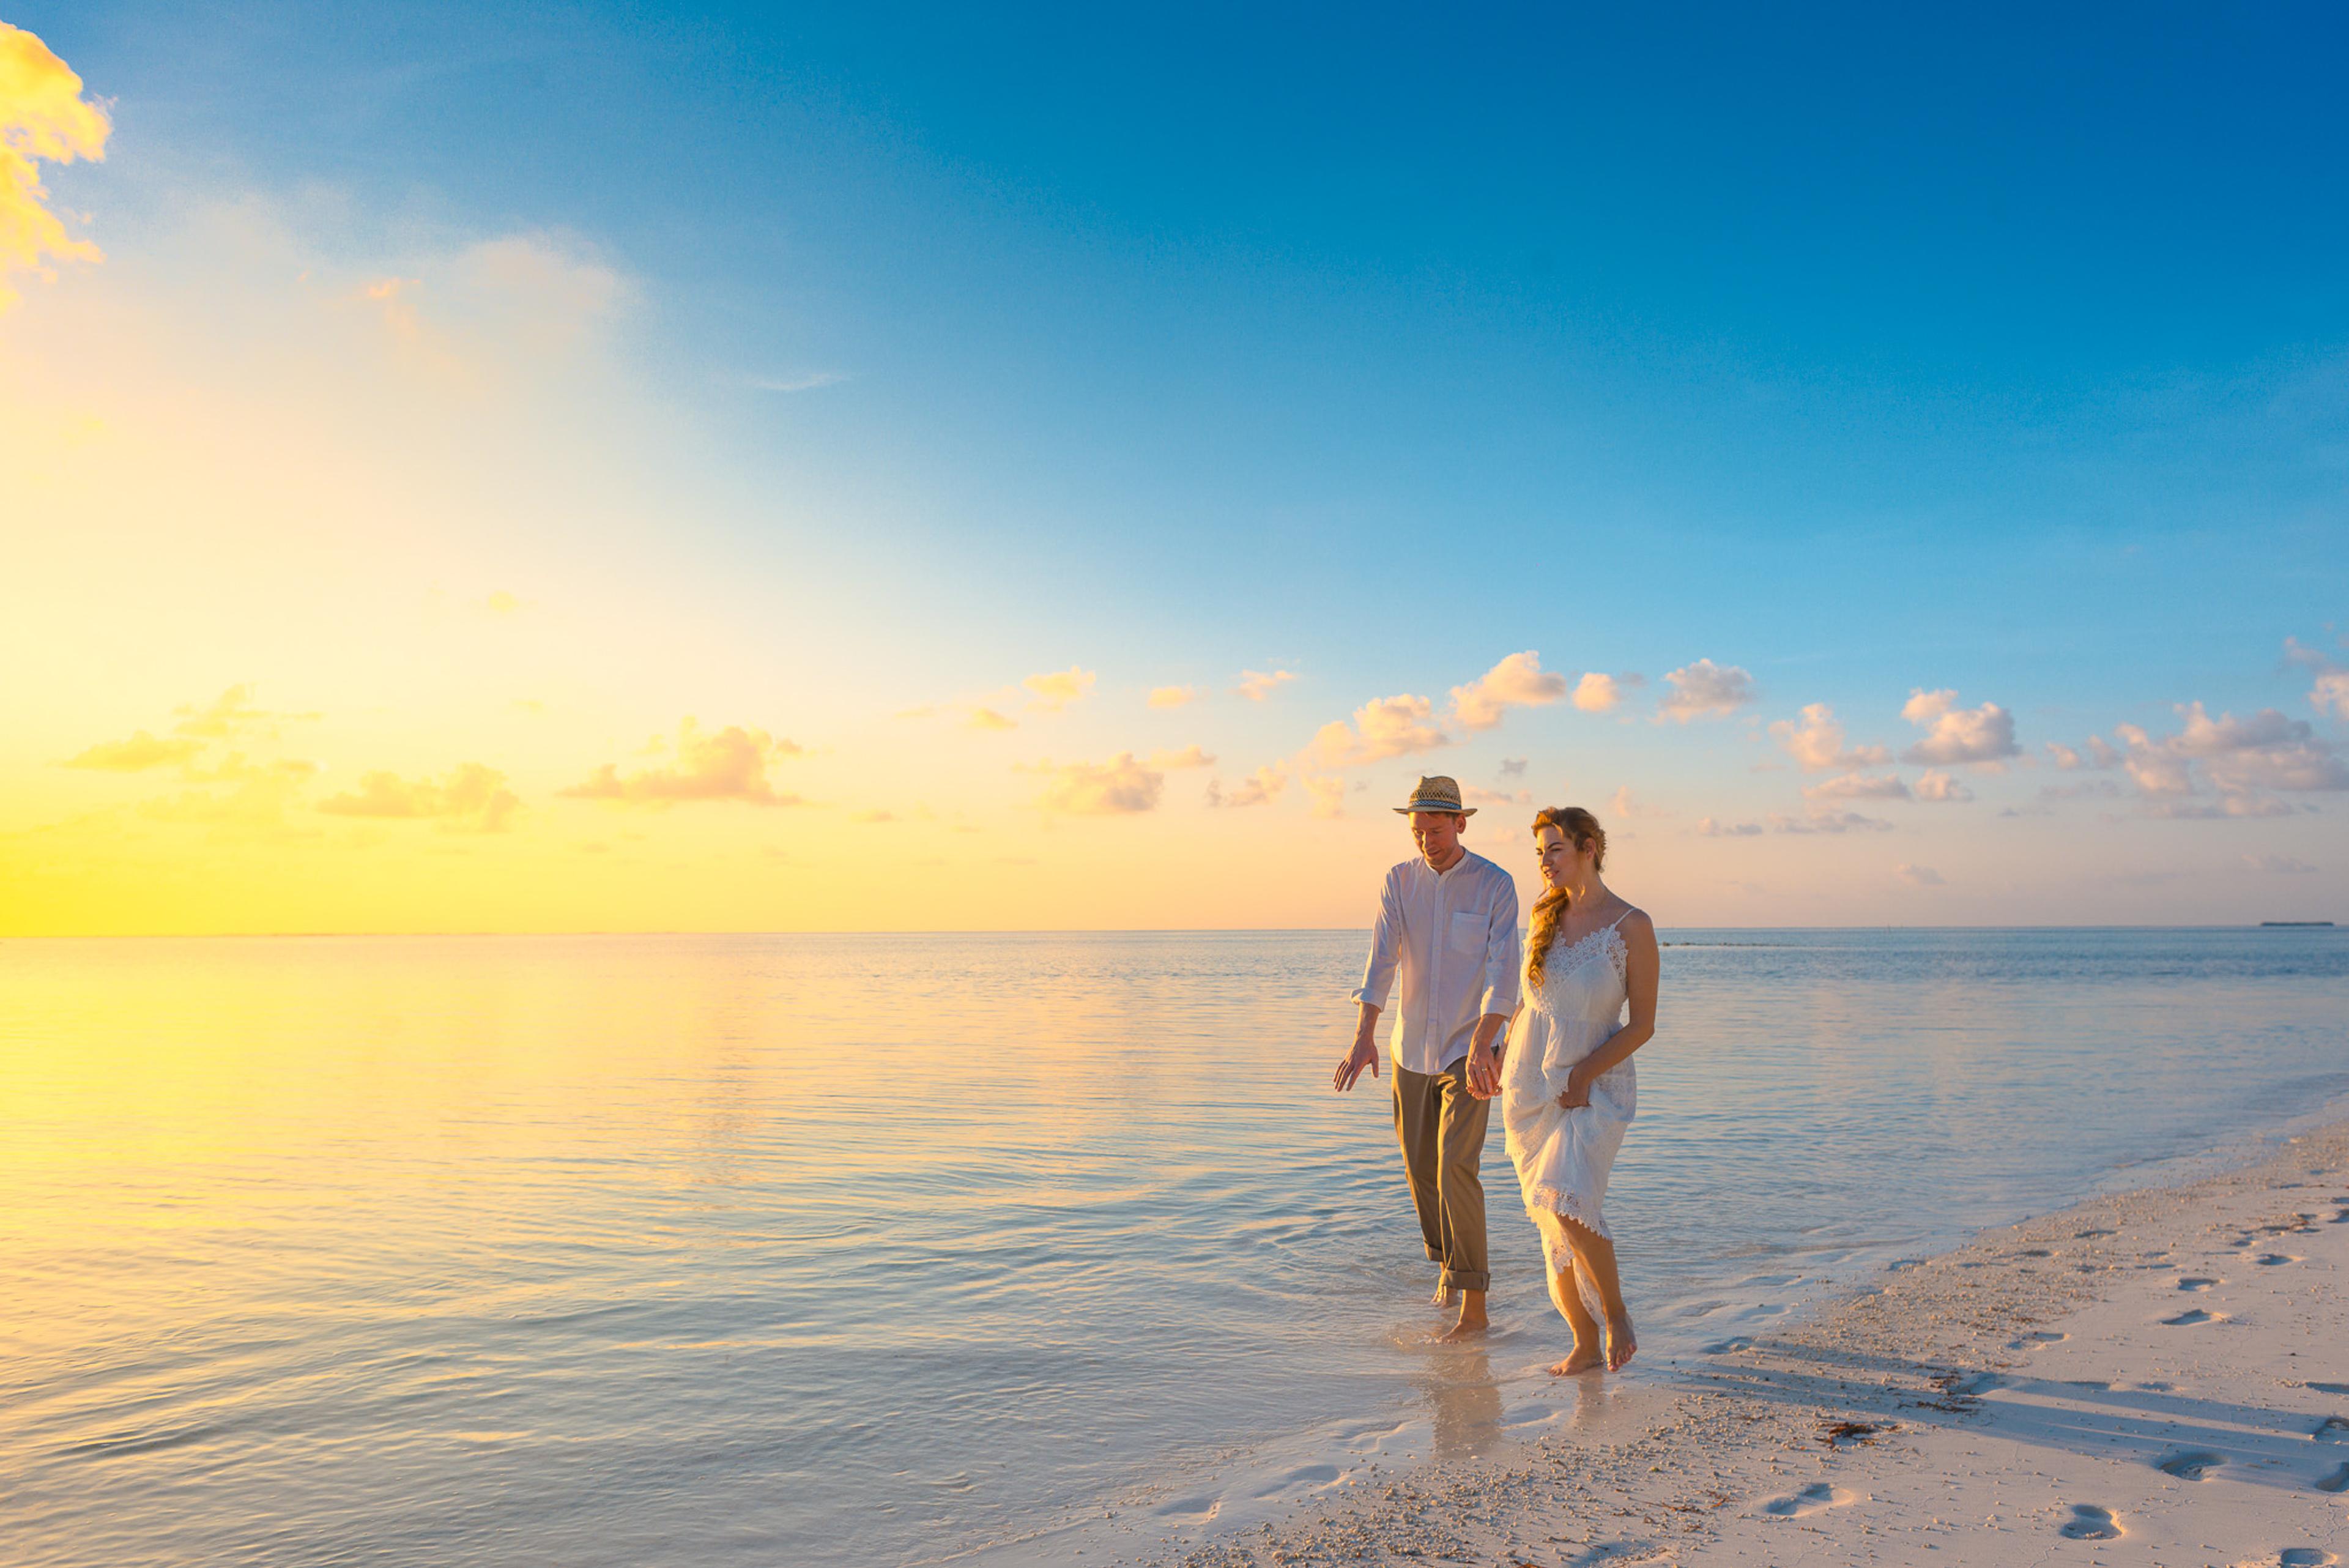 夕方に白いトップスを着て海岸を歩くカップル